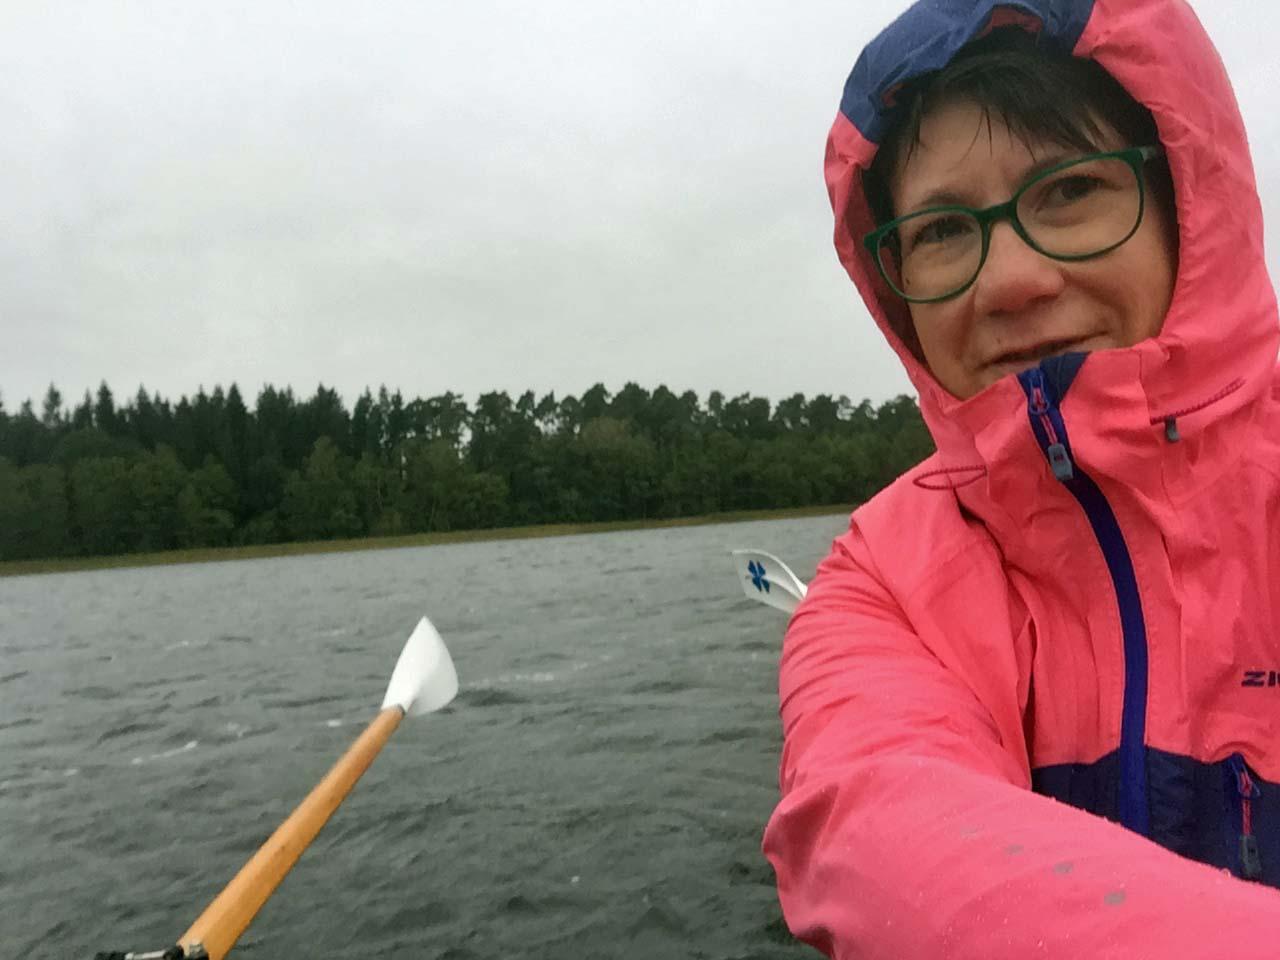 Regen-Selfie.